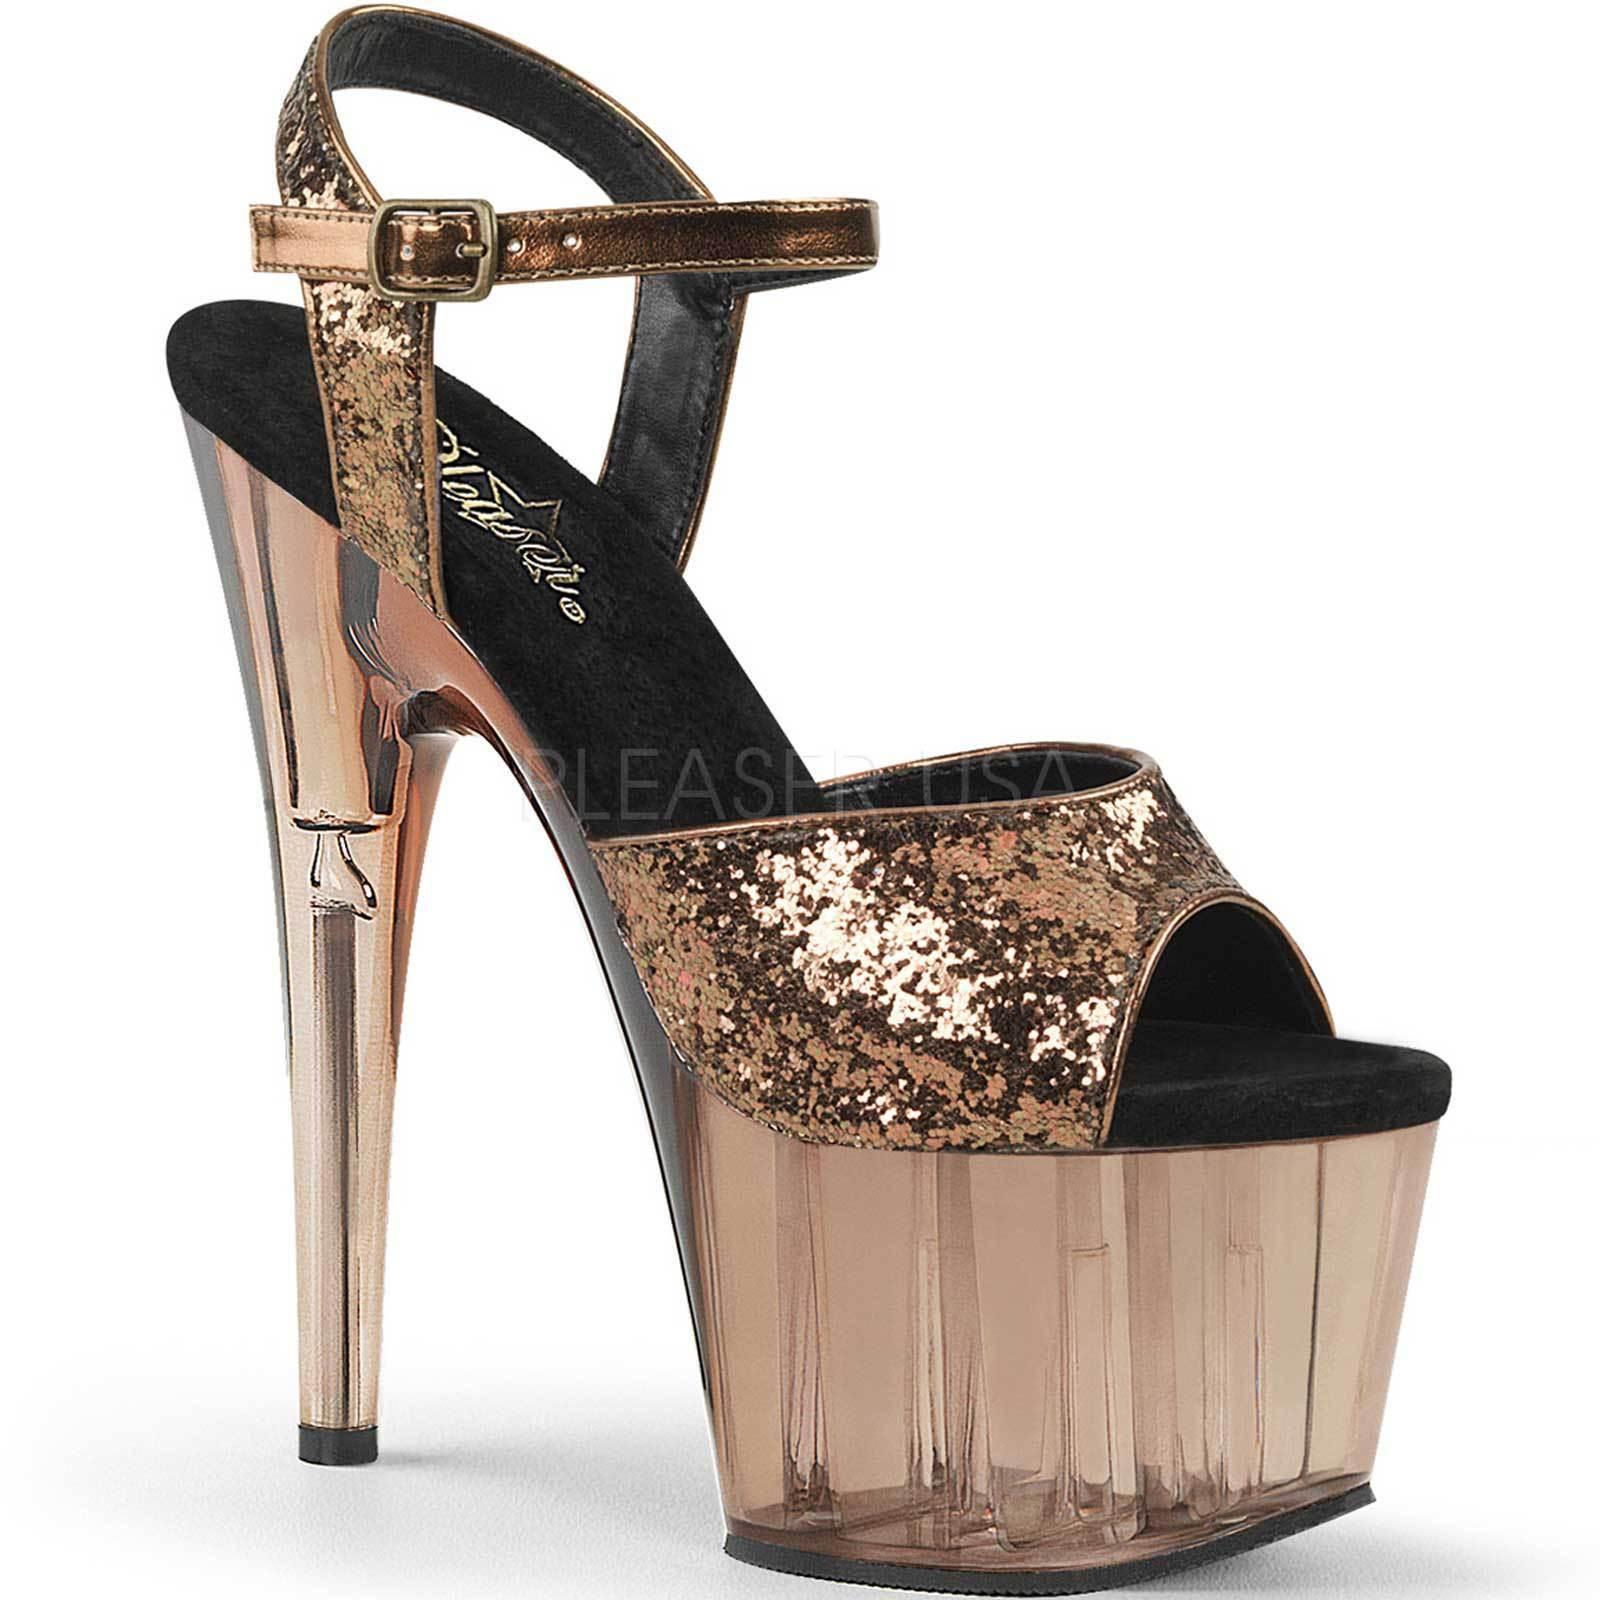 PLEASER ADORE-710GT Bronze Tinted Platform Ankle Strap Sandale Glitter Upper